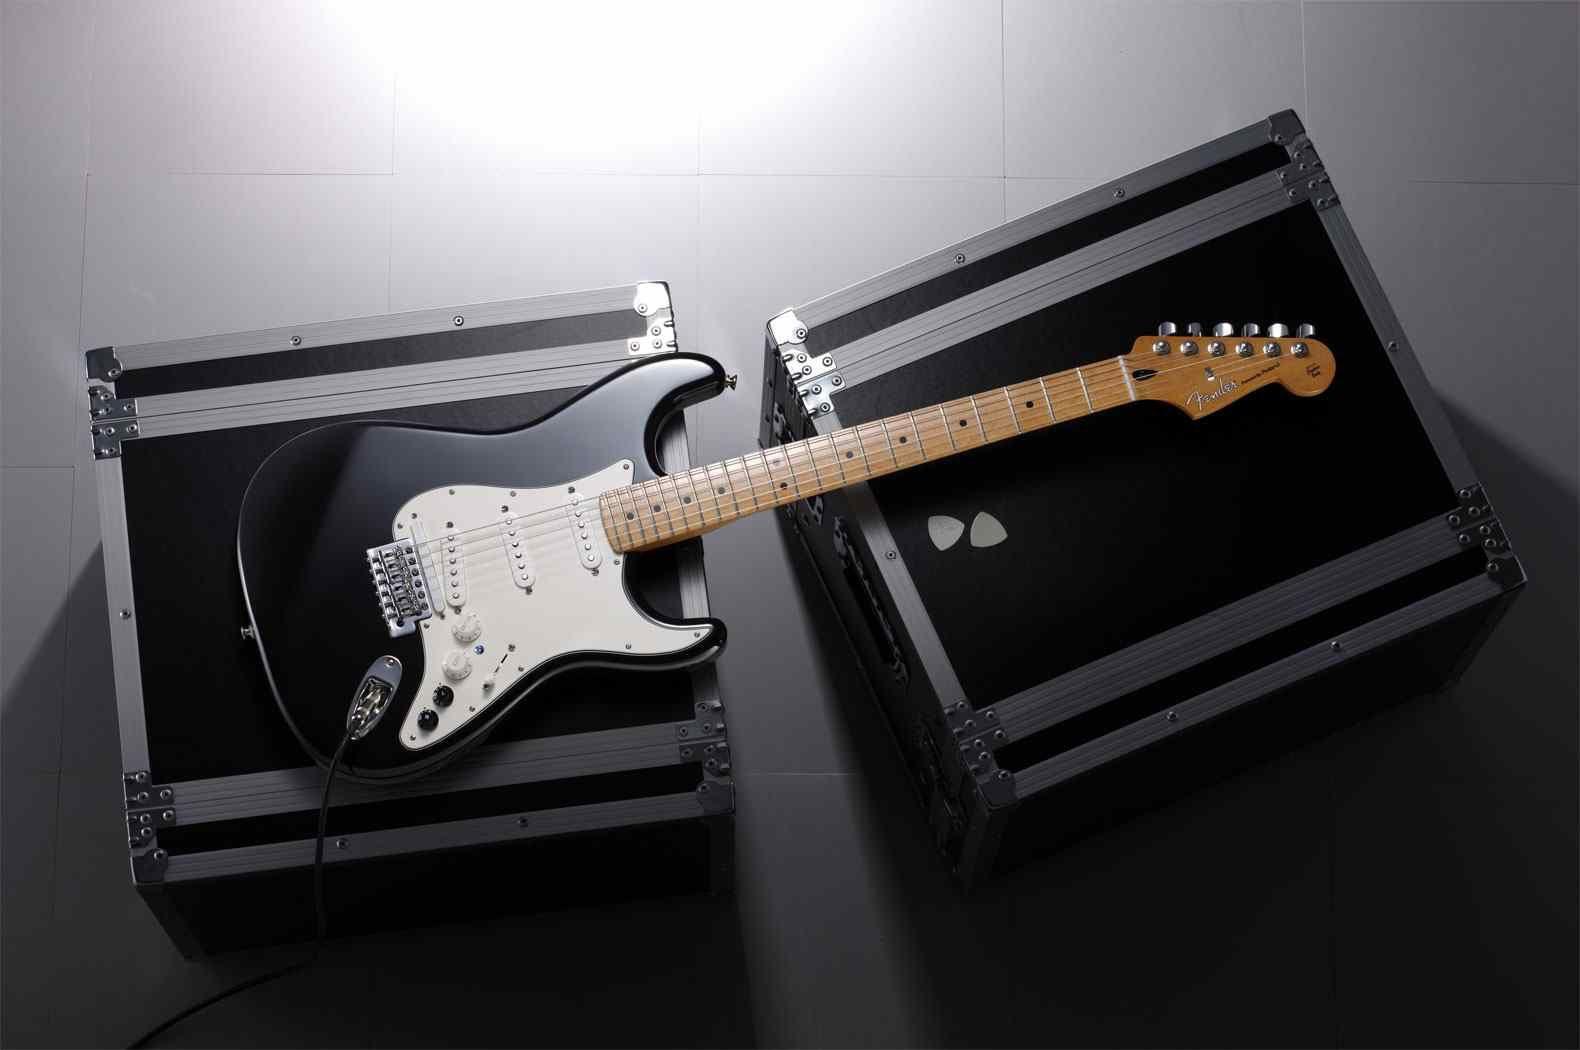 G 5 Vg Stratocaster Stratocaster Powered By Roland Cosm Technology Roland Telah Mengukir Sejarah Teknologi Gitar Den Fender Stratocaster Gitar Fender Gitar